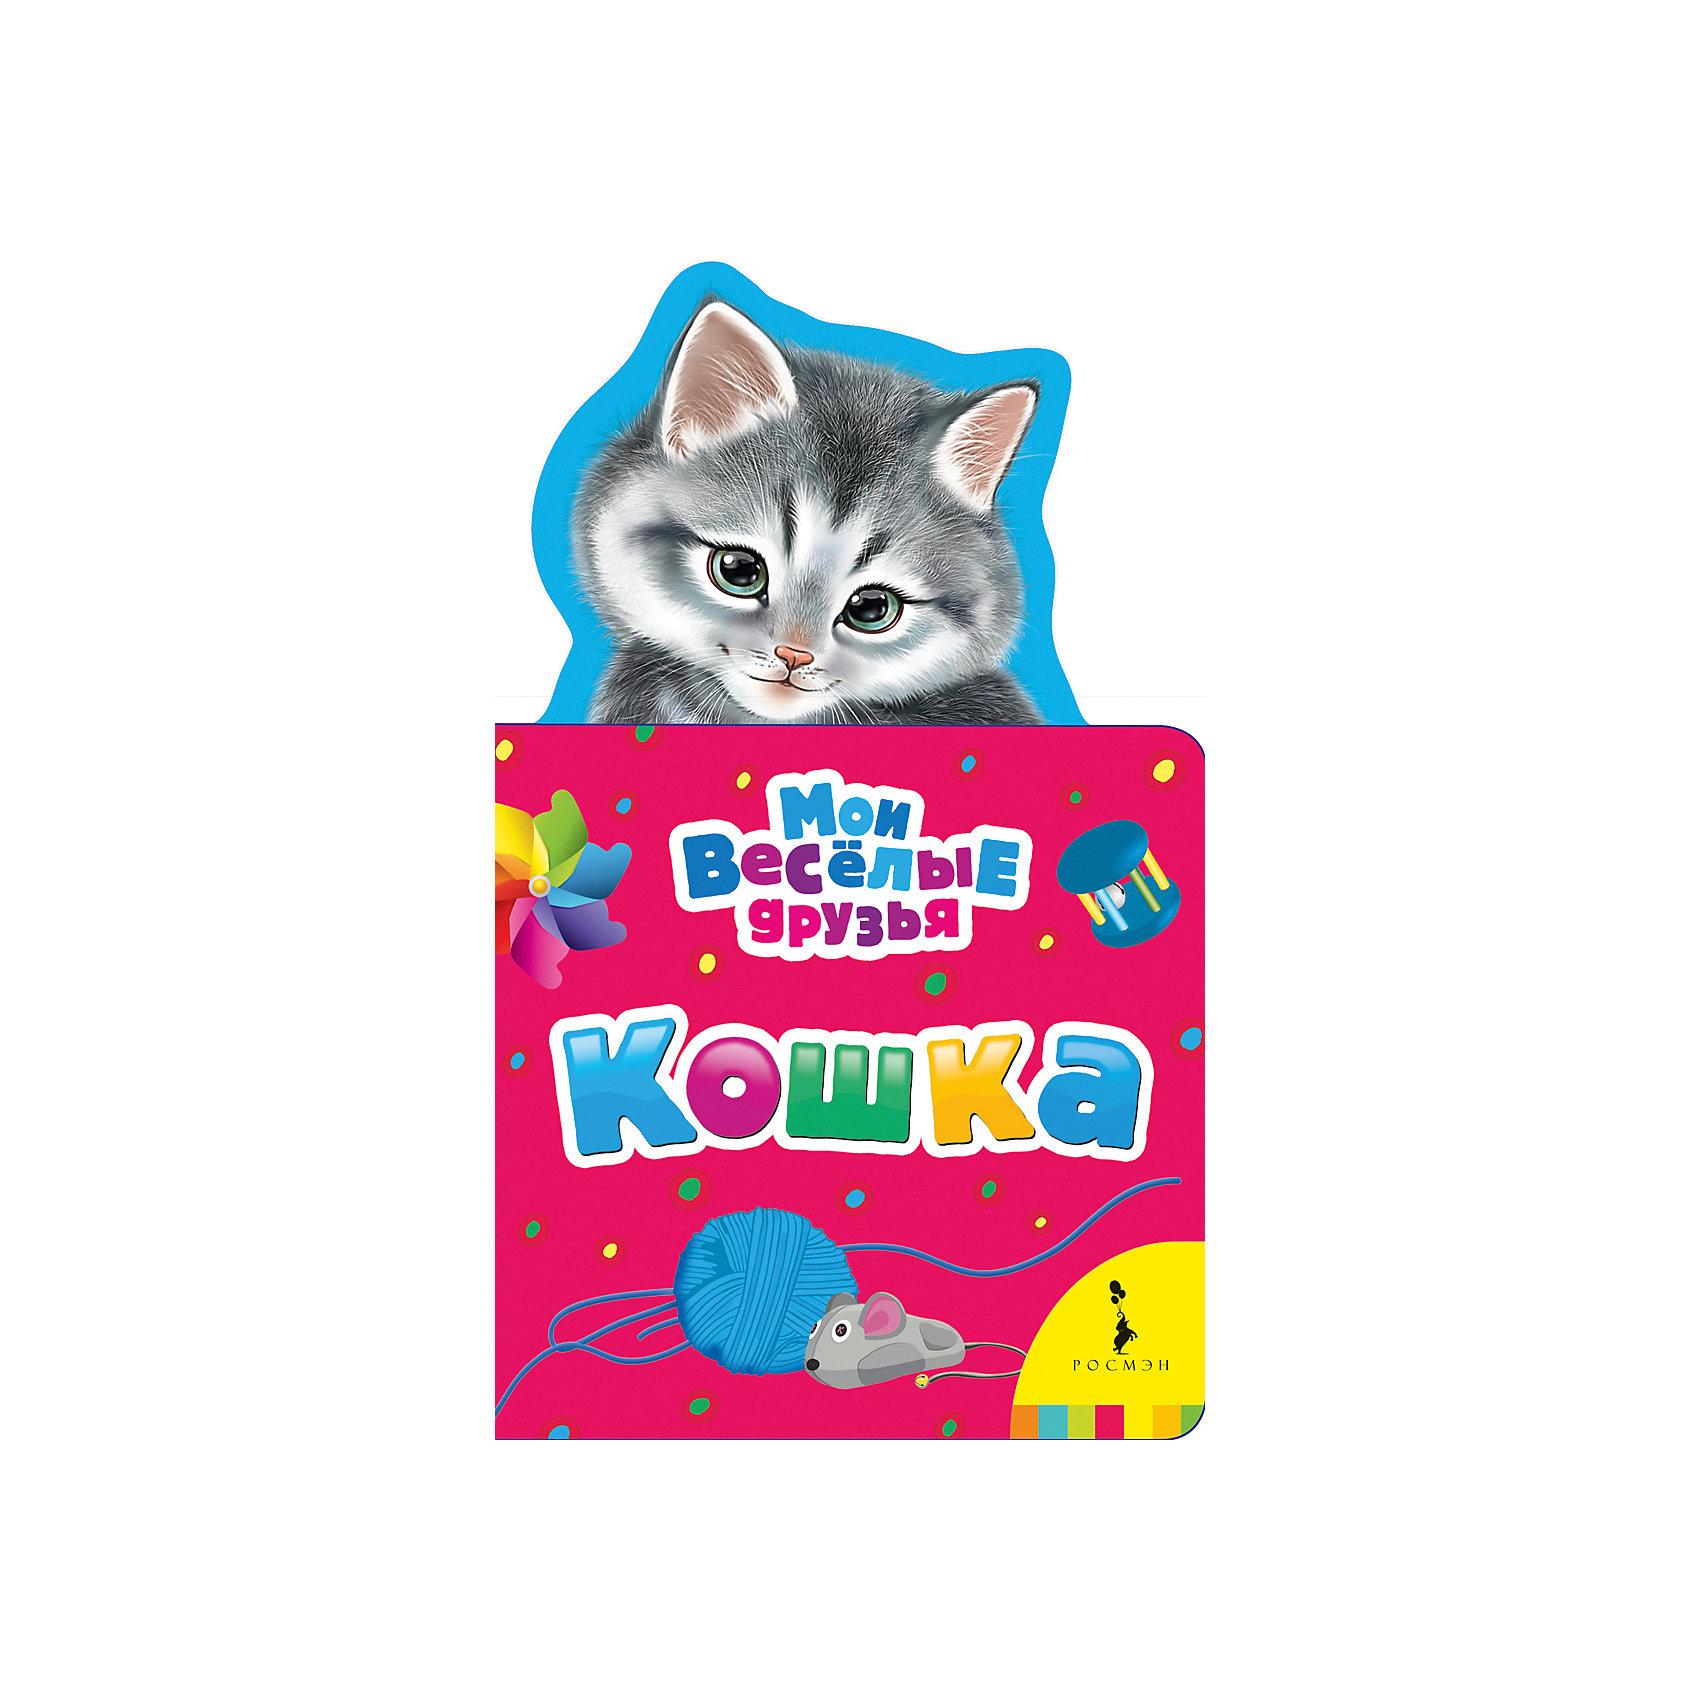 Росмэн Кошка (Мои веселые друзья) купить бурманская кошка в омске